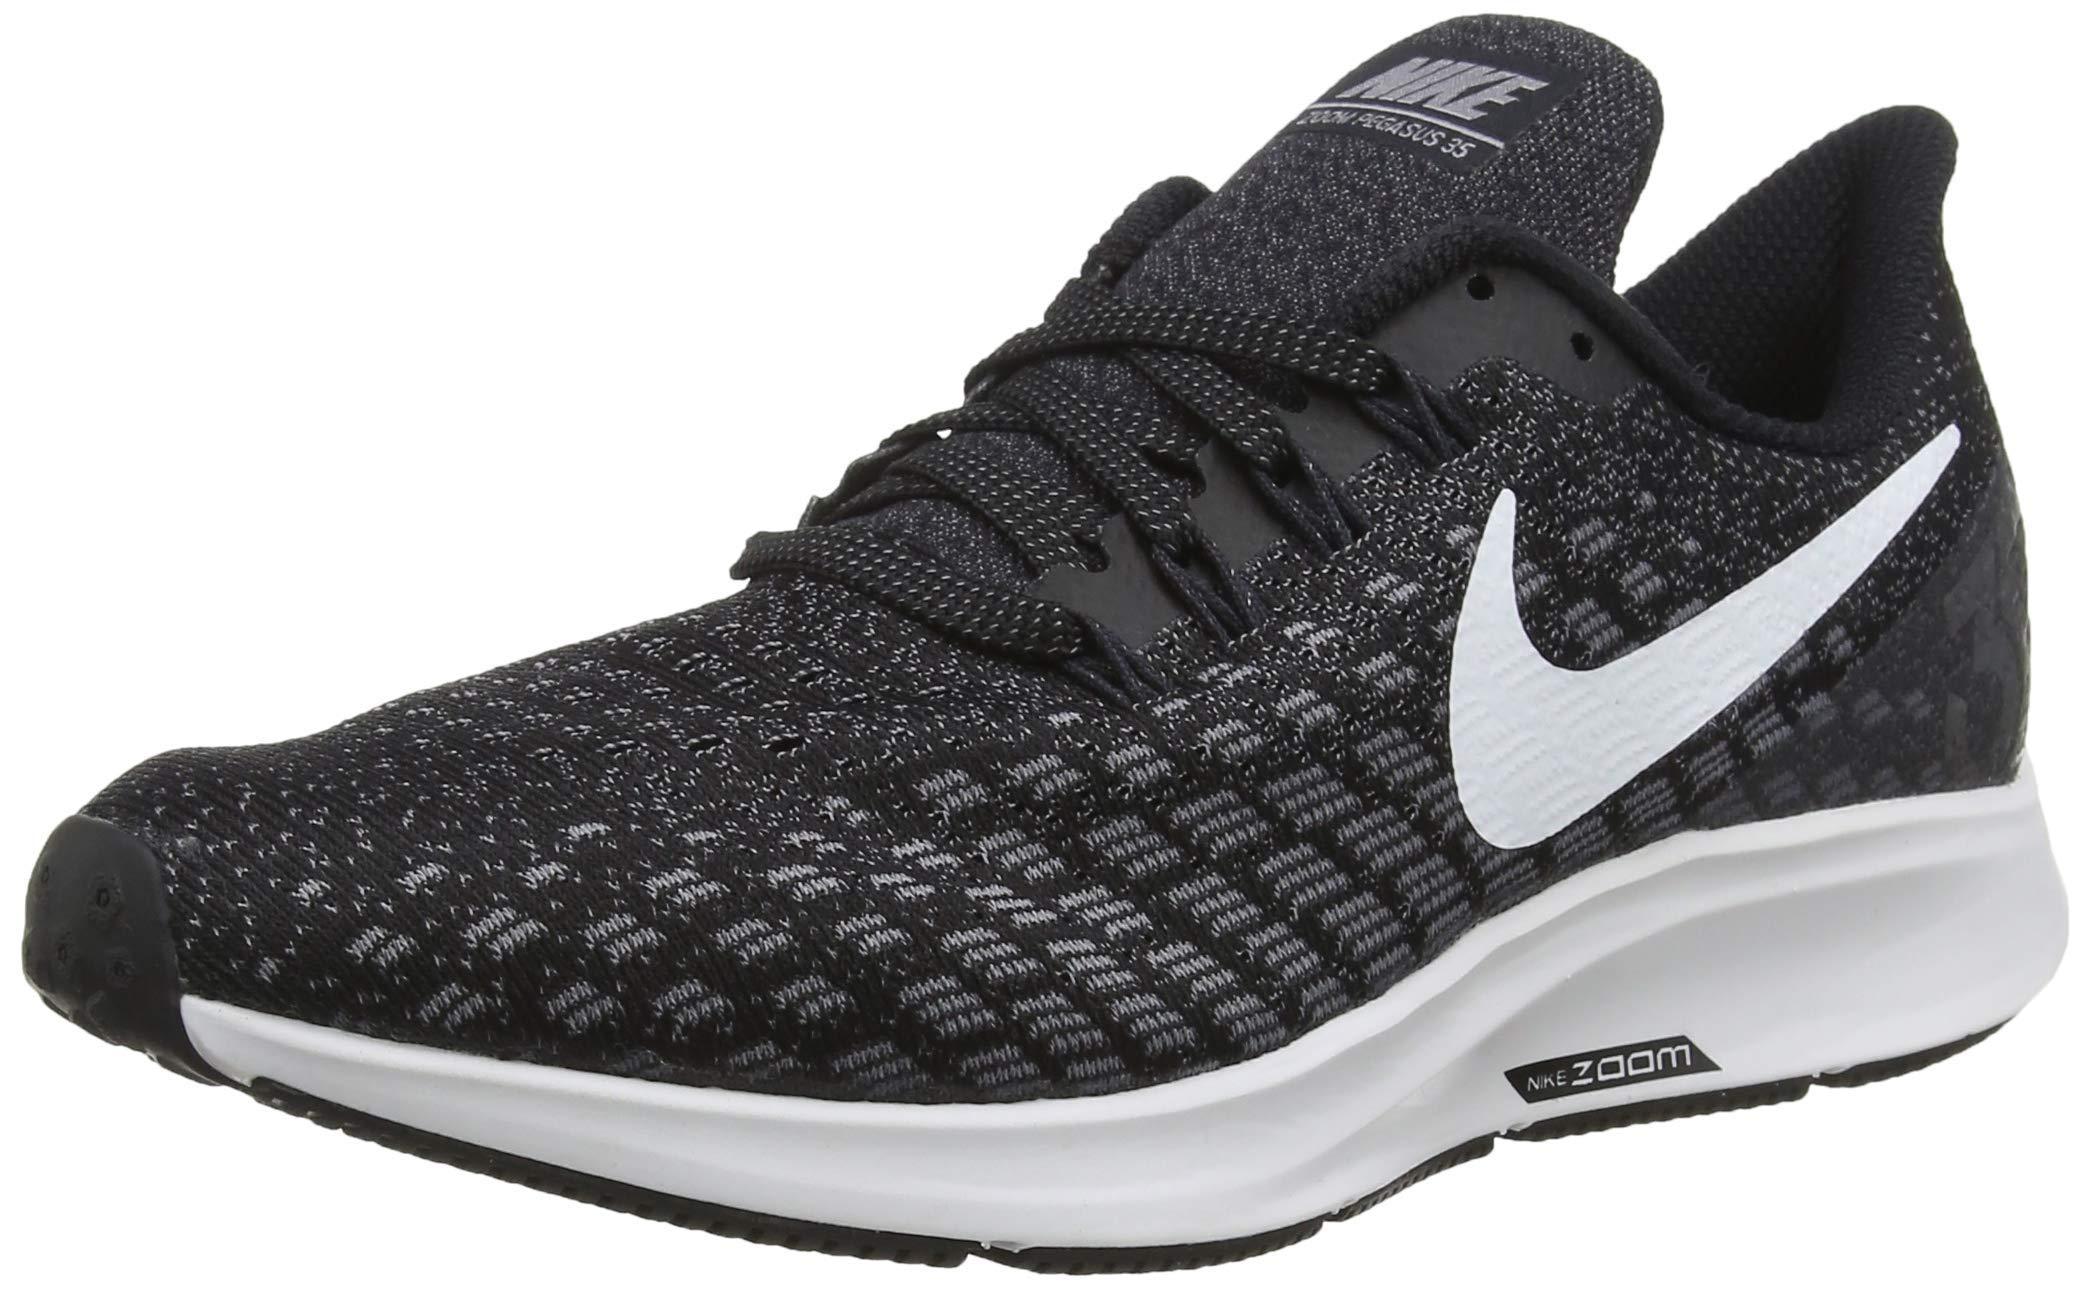 Nike Men's Air Zoom Pegasus 35 Running Shoe (6 M US, Black/White/Gunsmoke/Oil Grey) by Nike (Image #1)